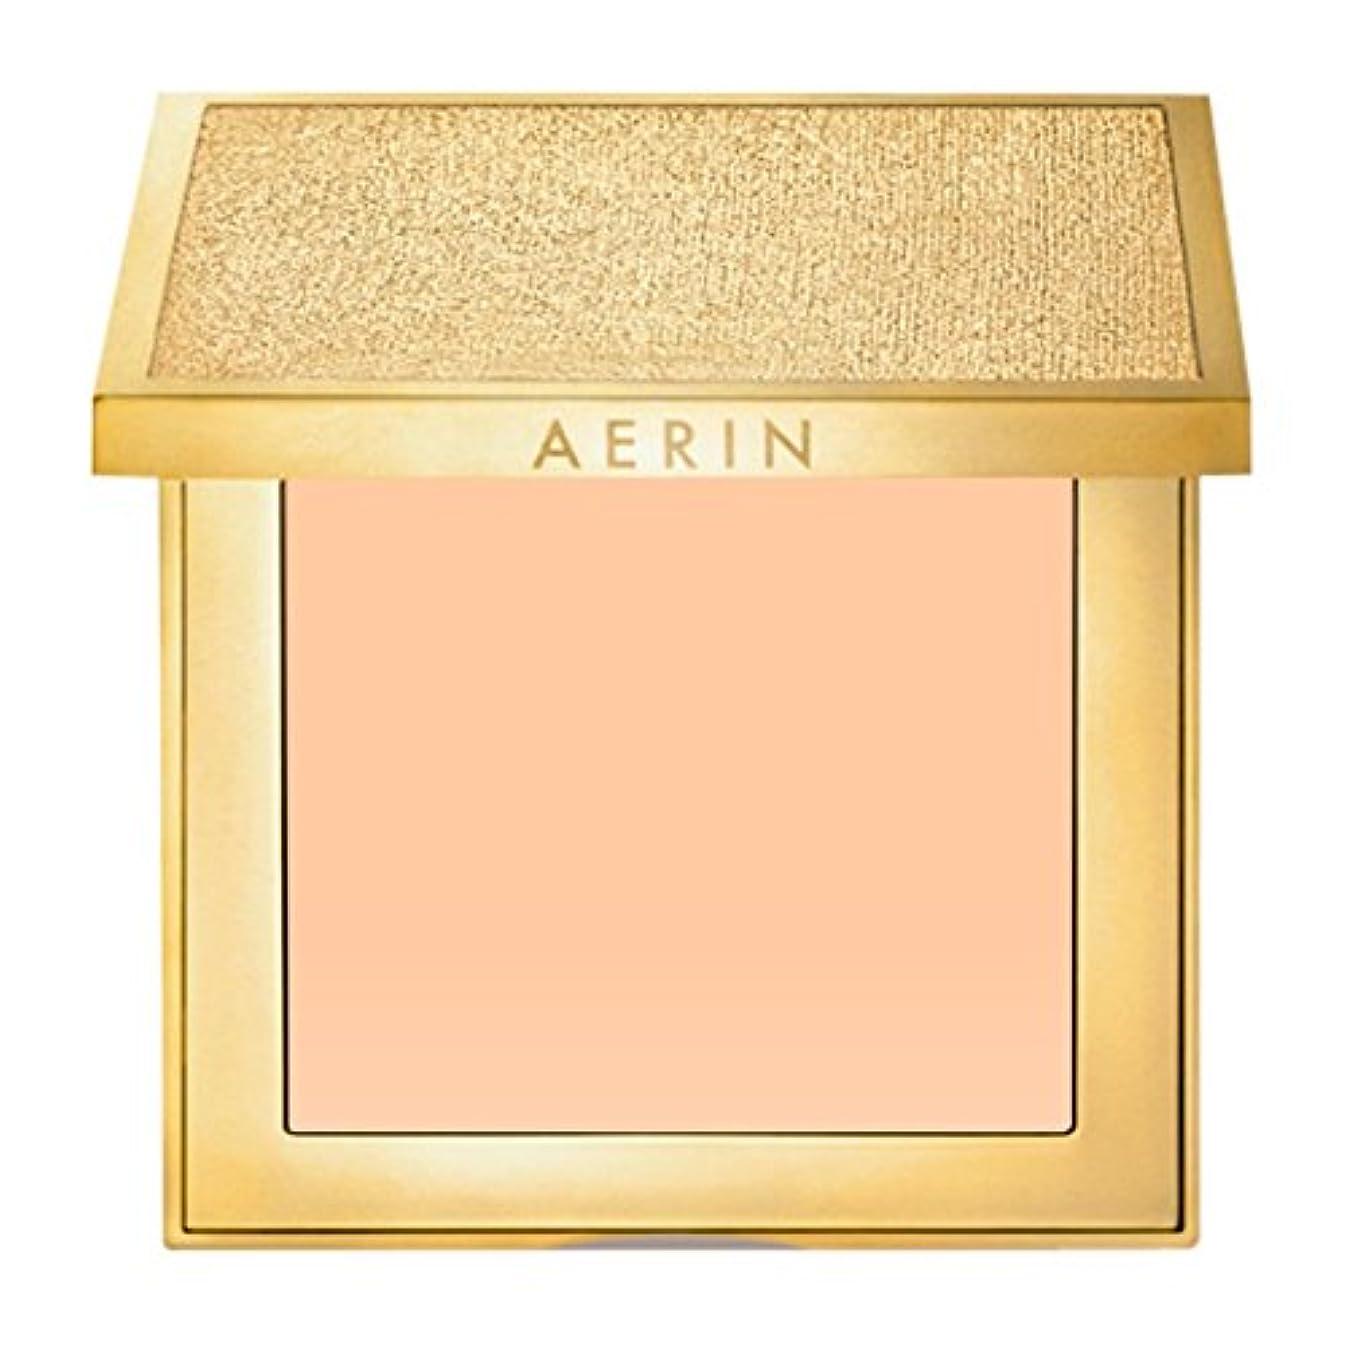 バック眼広々としたAerin新鮮な肌コンパクトメイクアップレベル1 (AERIN) (x6) - AERIN Fresh Skin Compact Makeup Level 1 (Pack of 6) [並行輸入品]